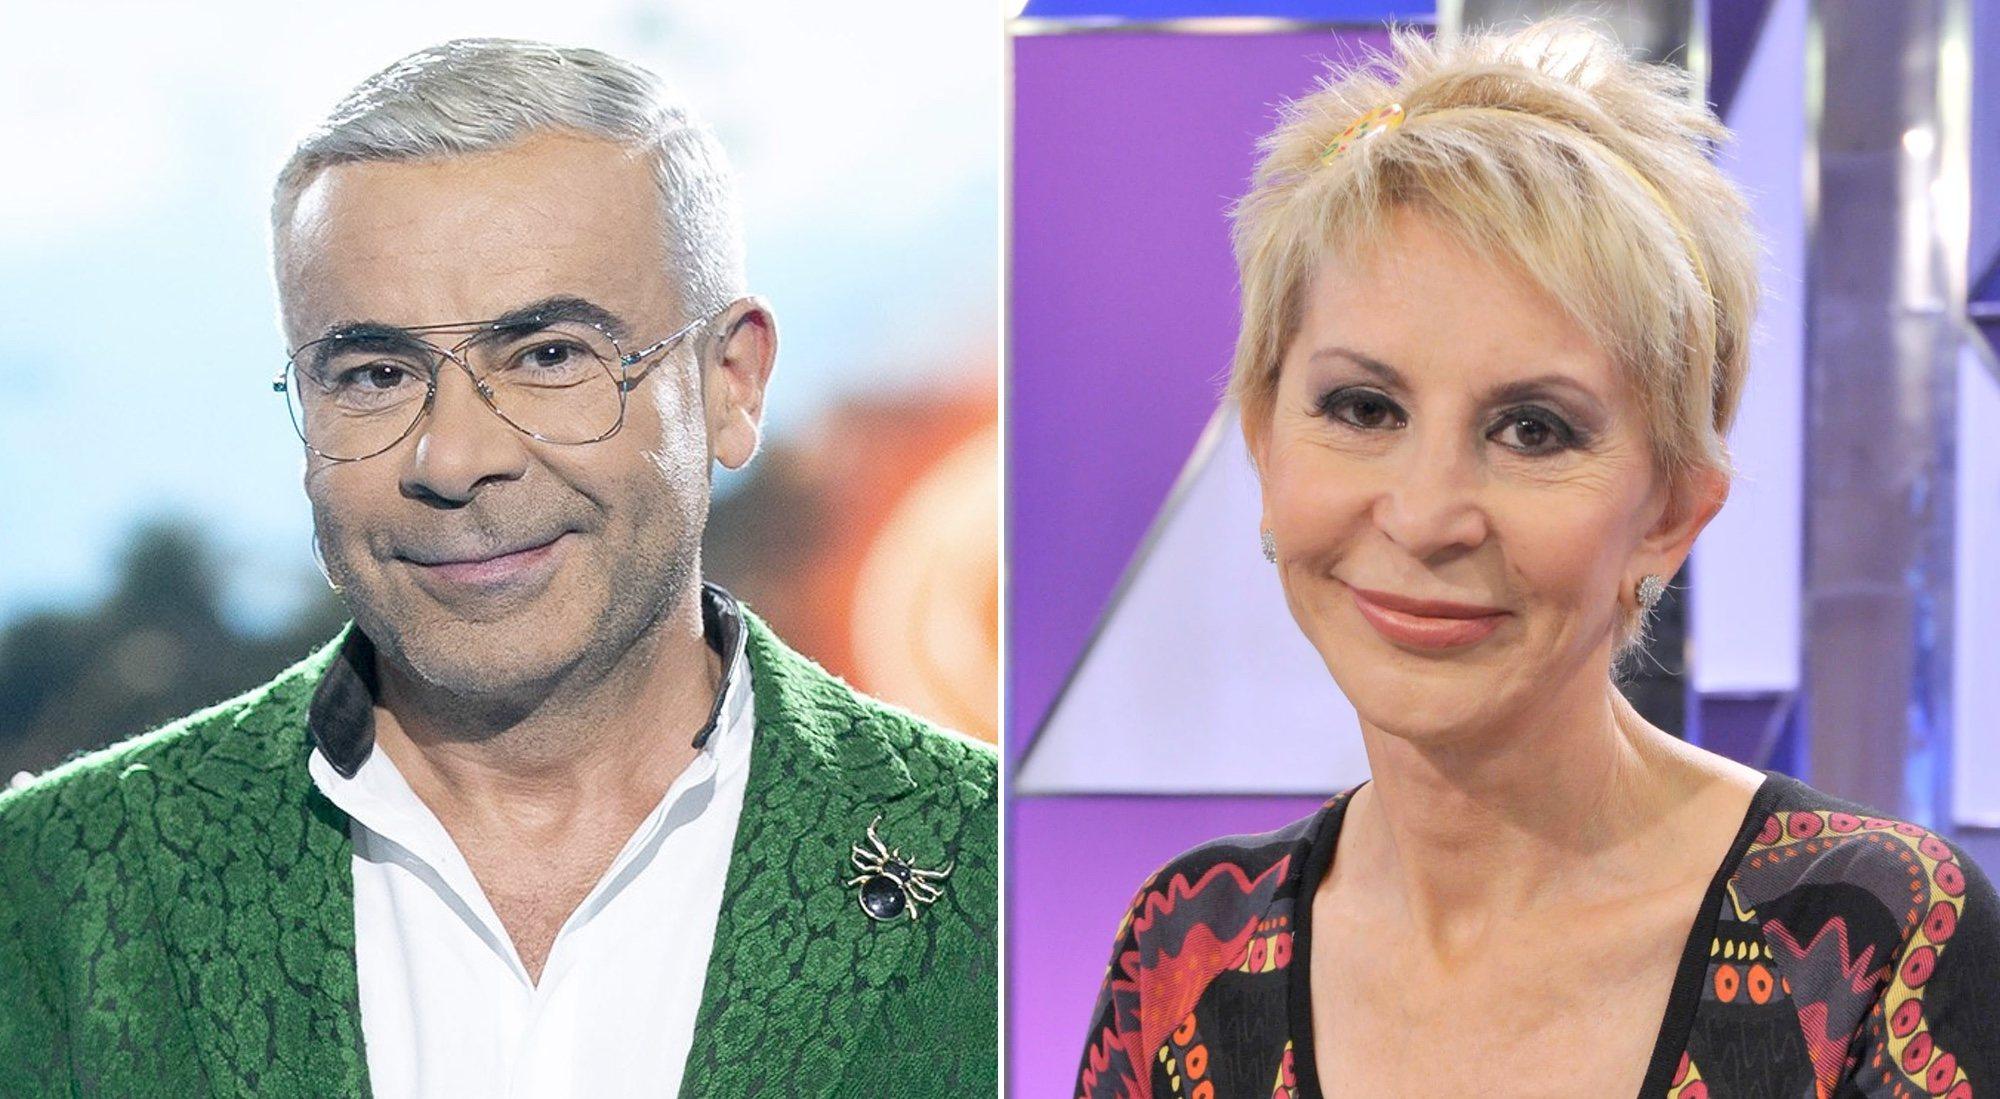 Jorge Javier Vázquez et Karmele Marchante